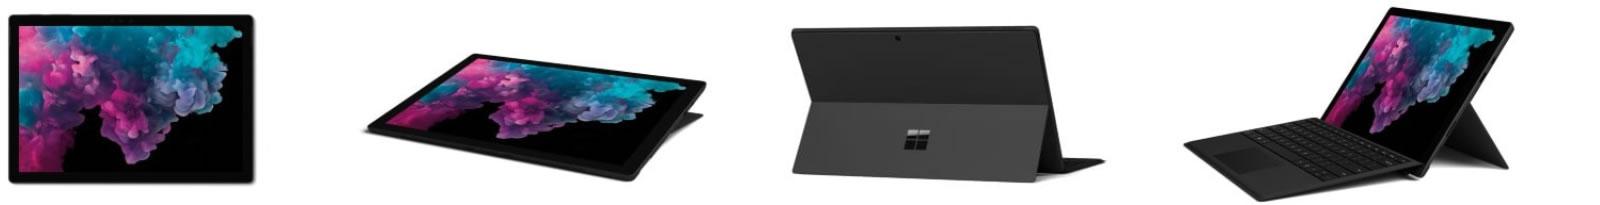 マイクロソフト Surface Pro 6 タイプカバー同梱 LJM-00027 banner